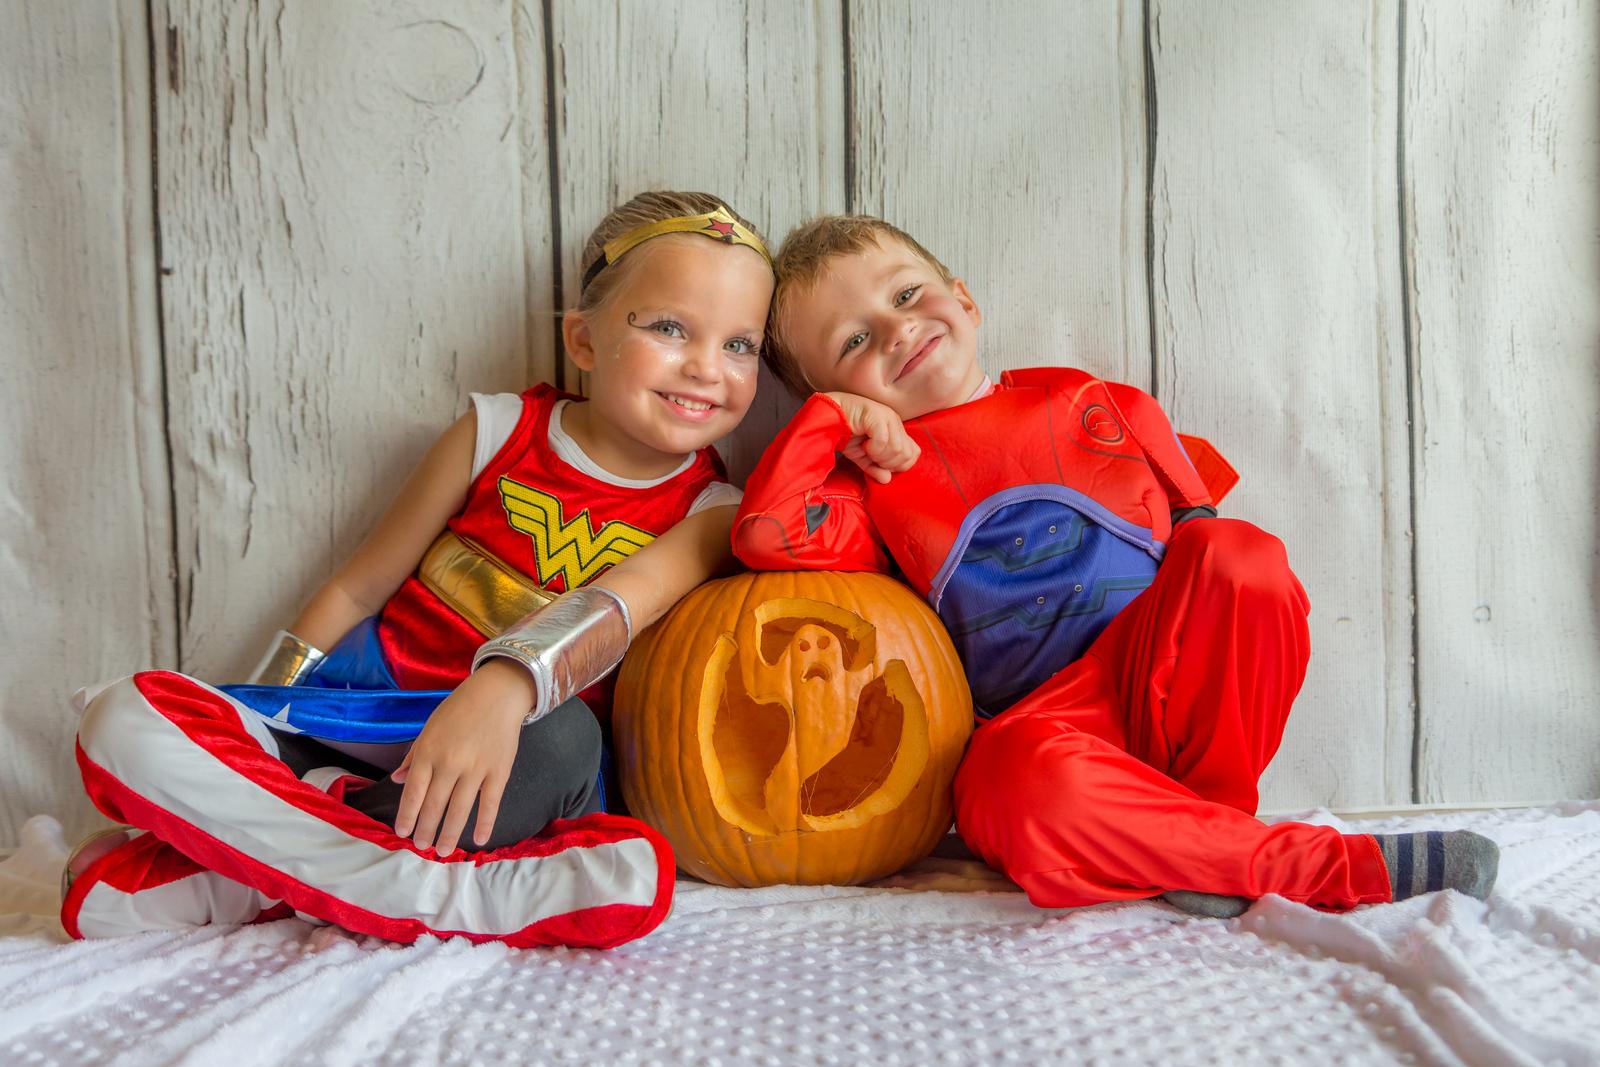 Best Friend Super Heroes